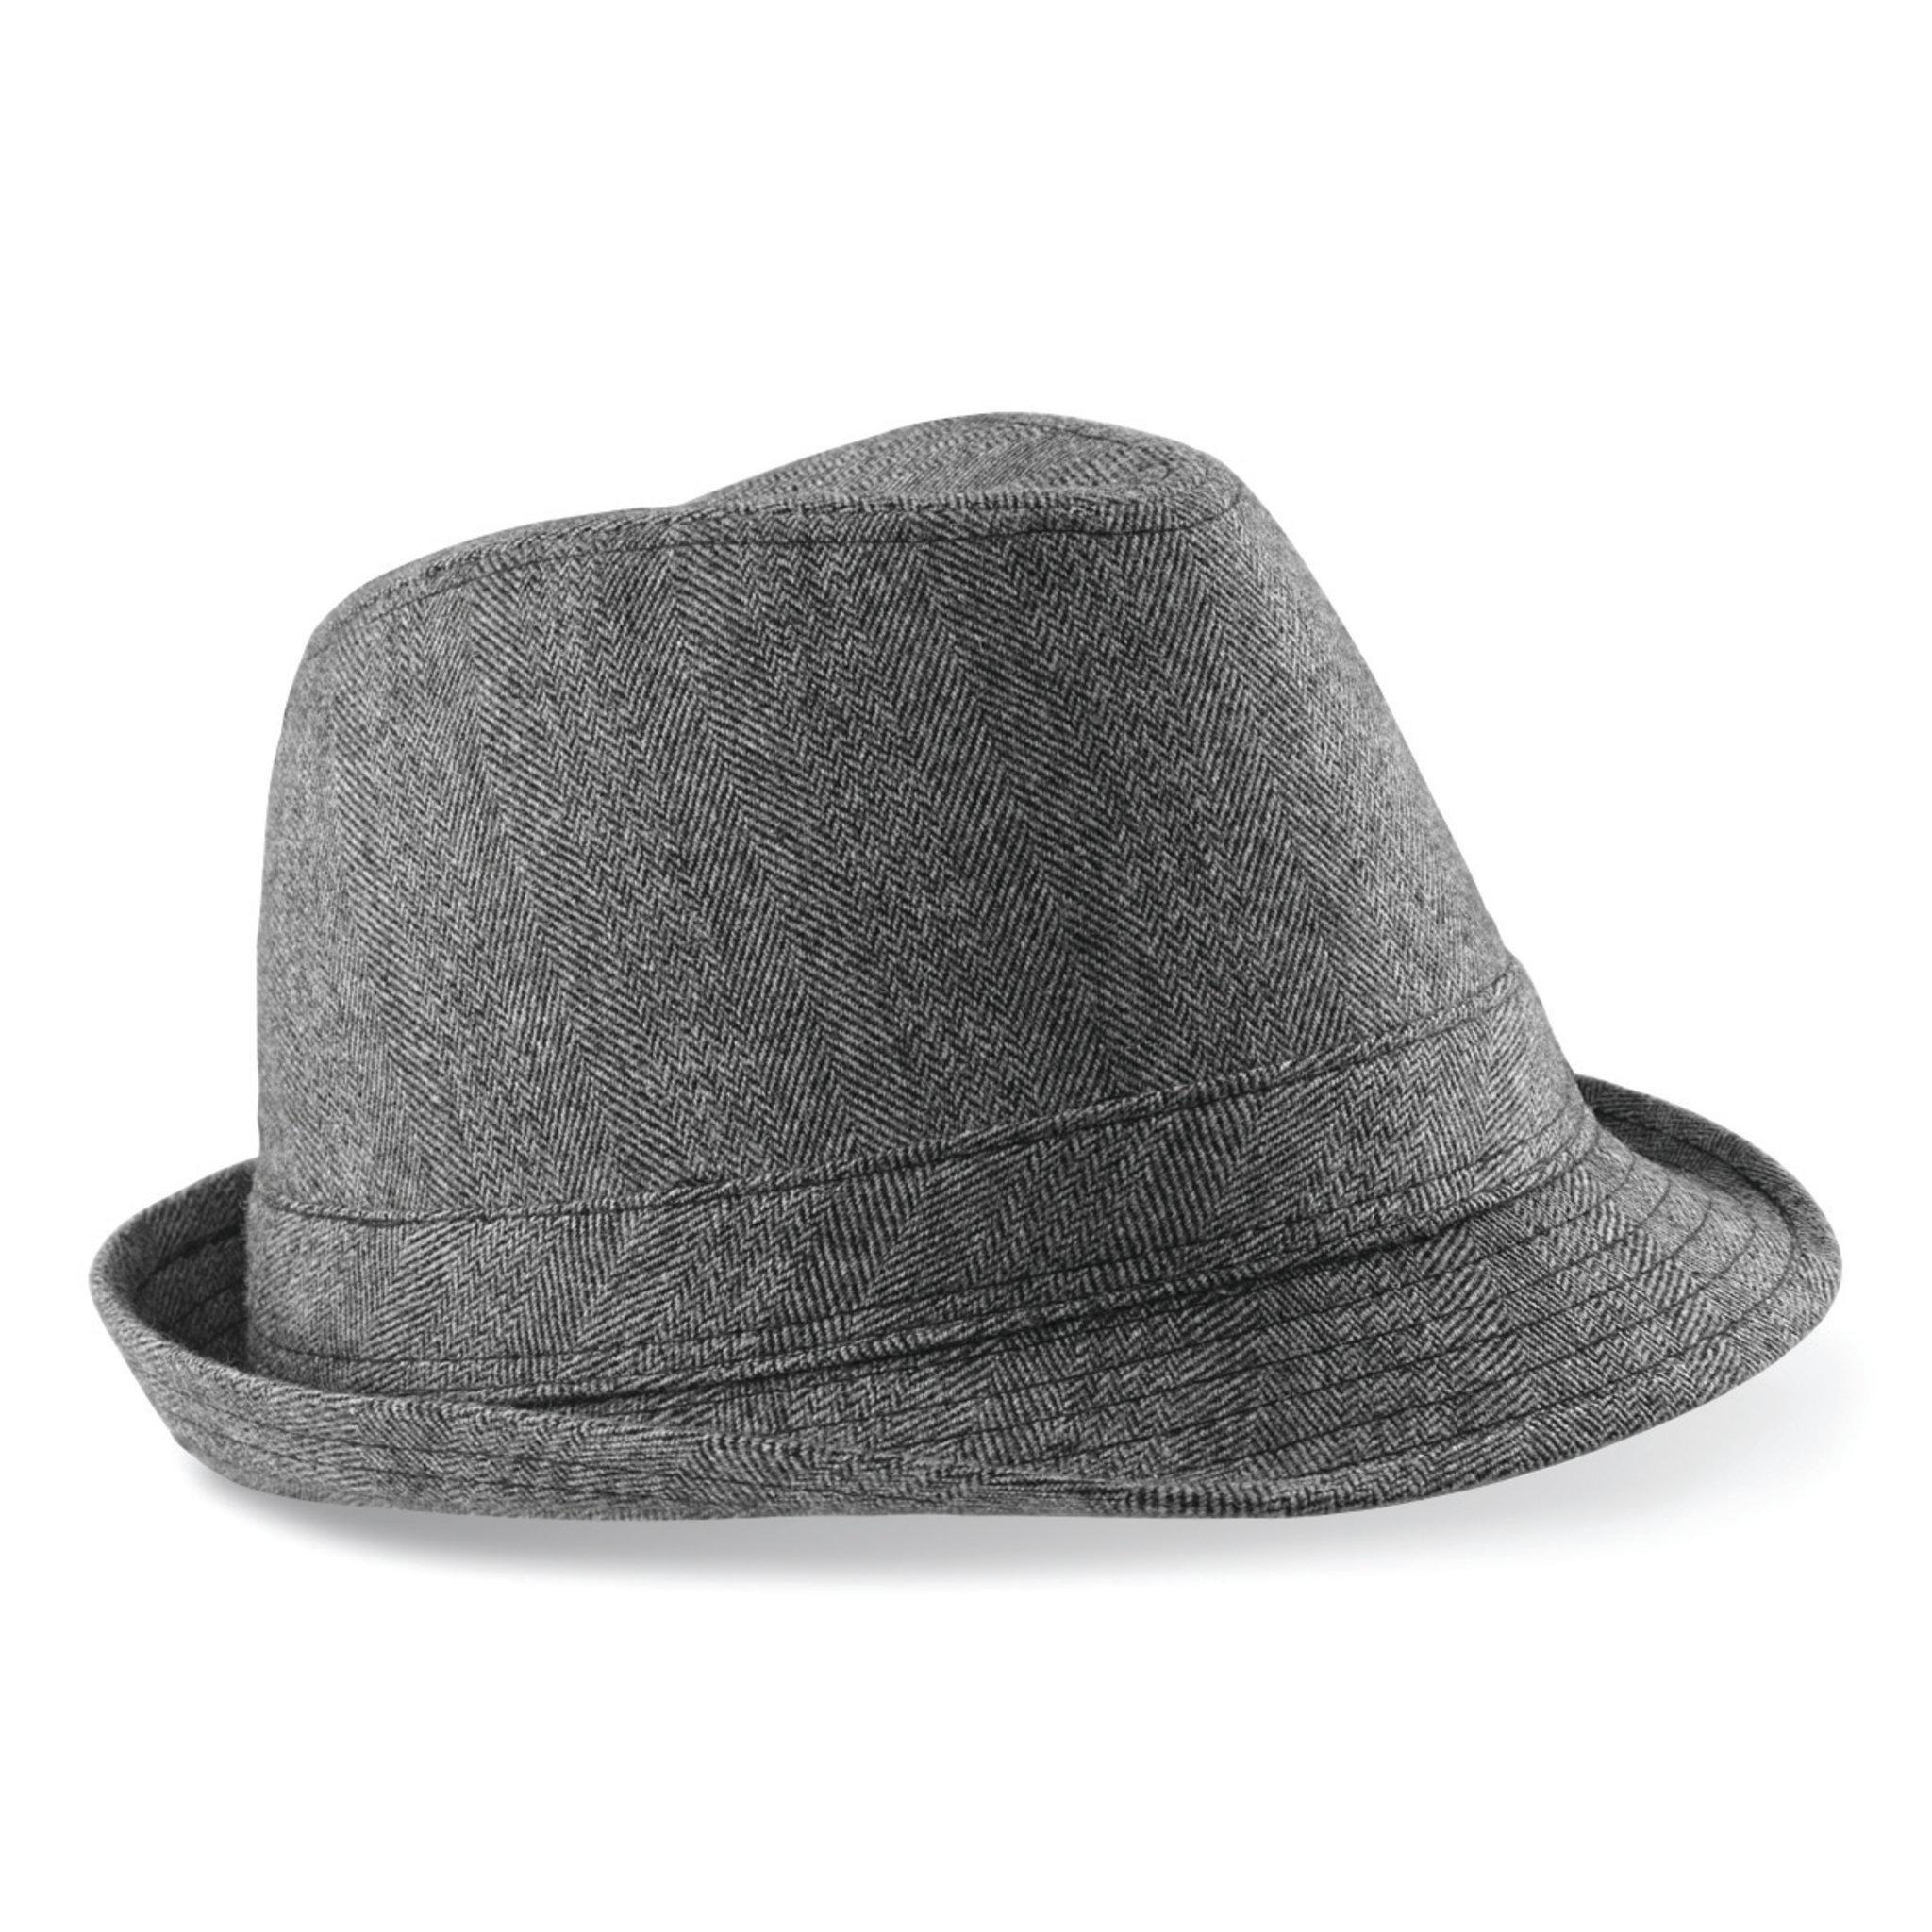 Chapeau promotionnel Urban Trilby - chapeau publicitaire